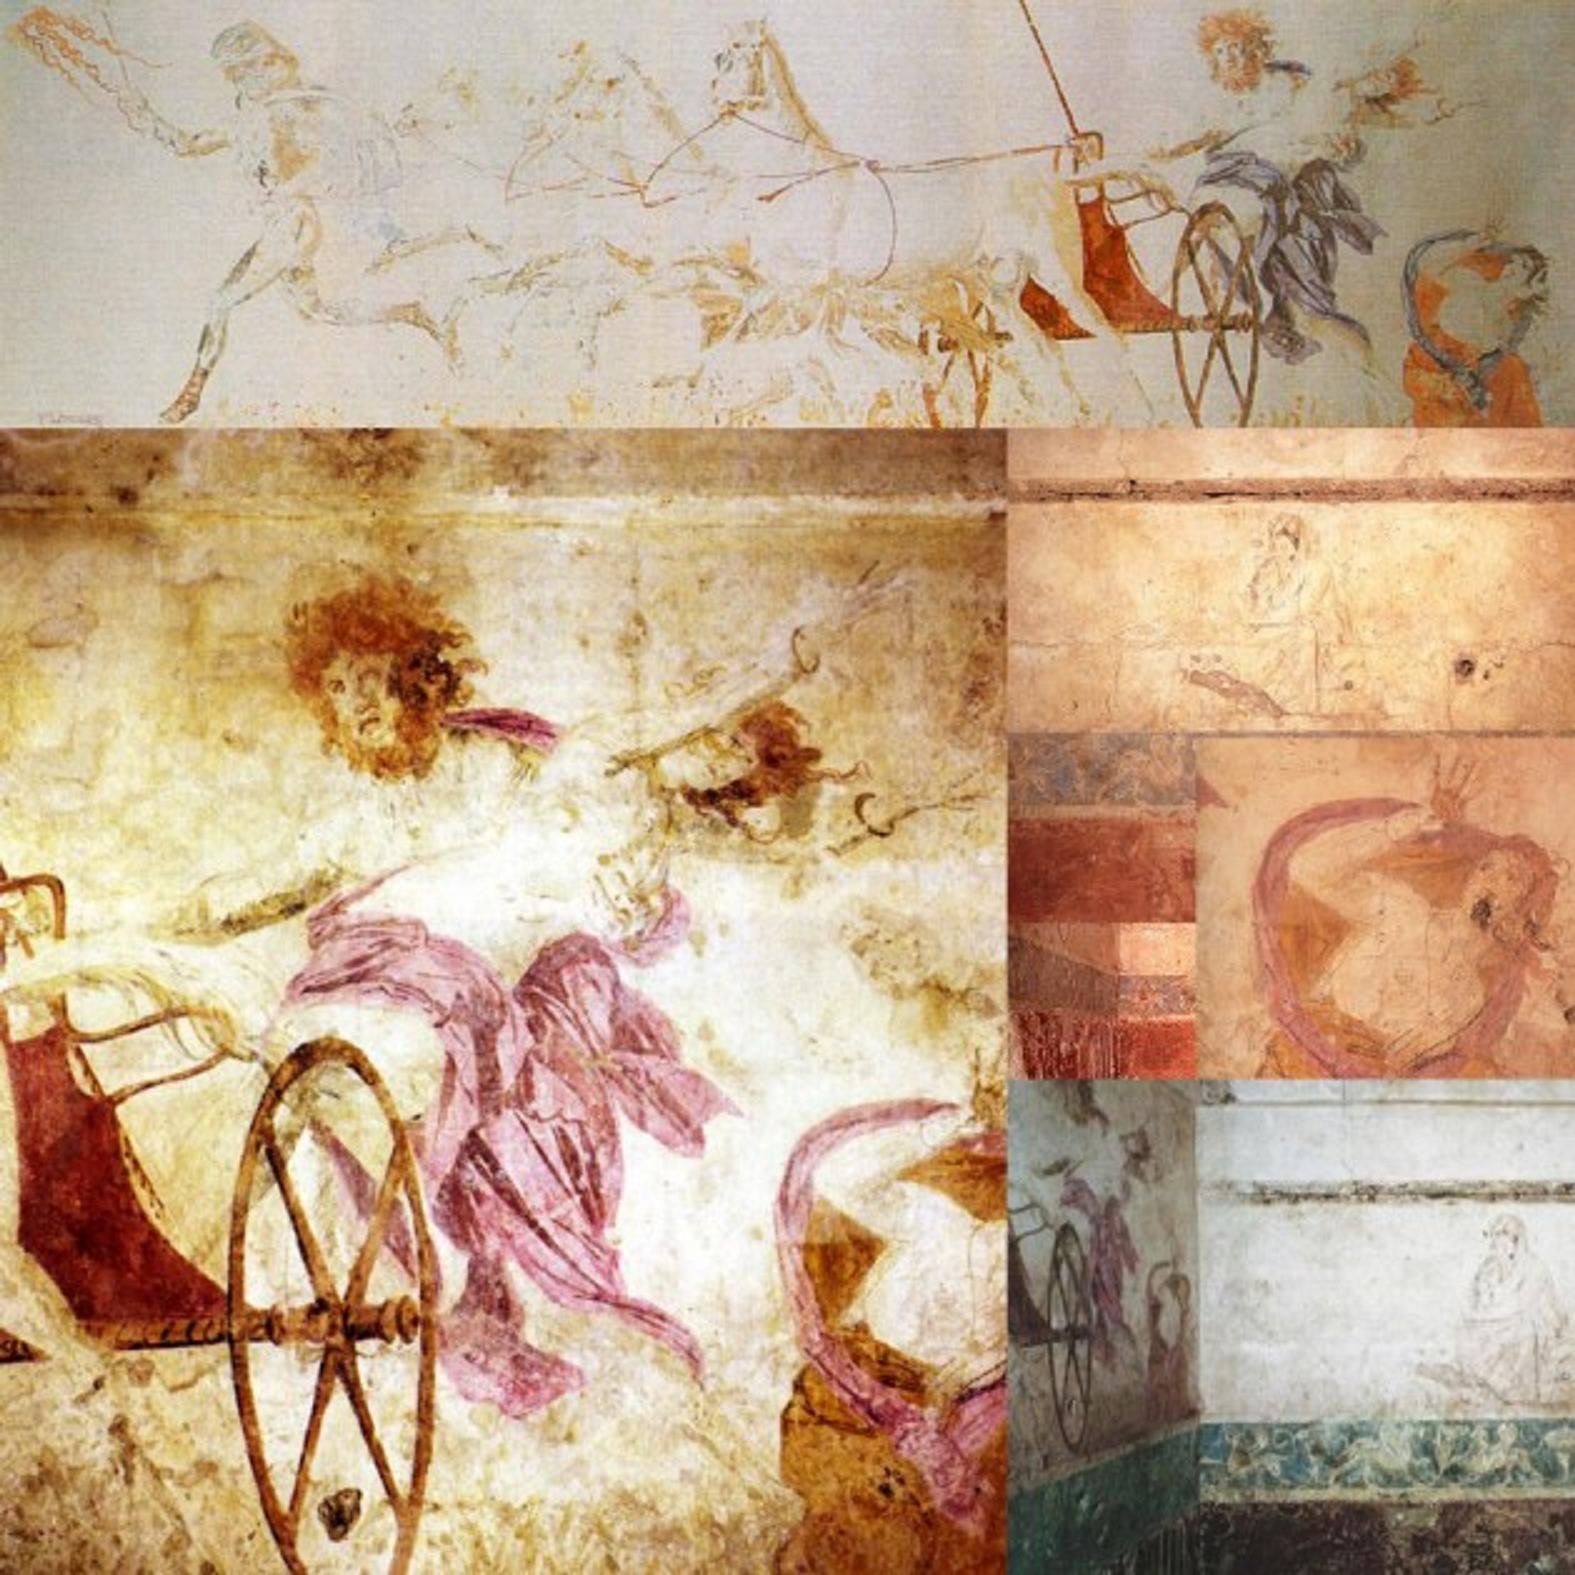 Ἀνδρόνικος. «Εἶχα λοιπὸν βρεῖ, τὸν πρῶτο ἀσύλητο μακεδονικό τάφο!»6